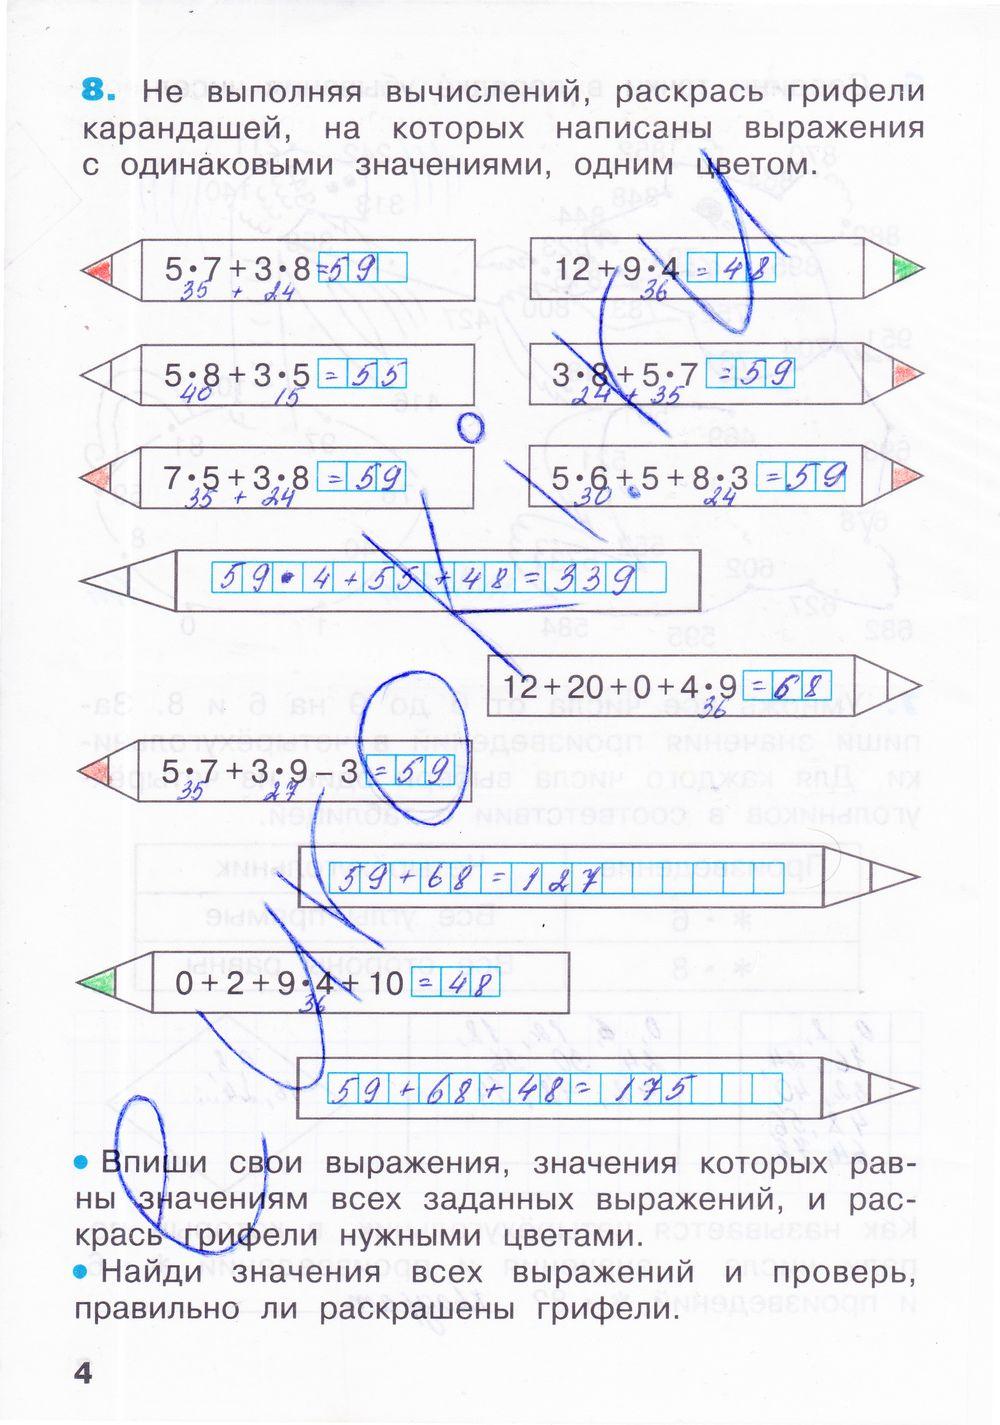 решебник по информатике 2 класс бененсон 2 часть рабочая тетрадь ответы